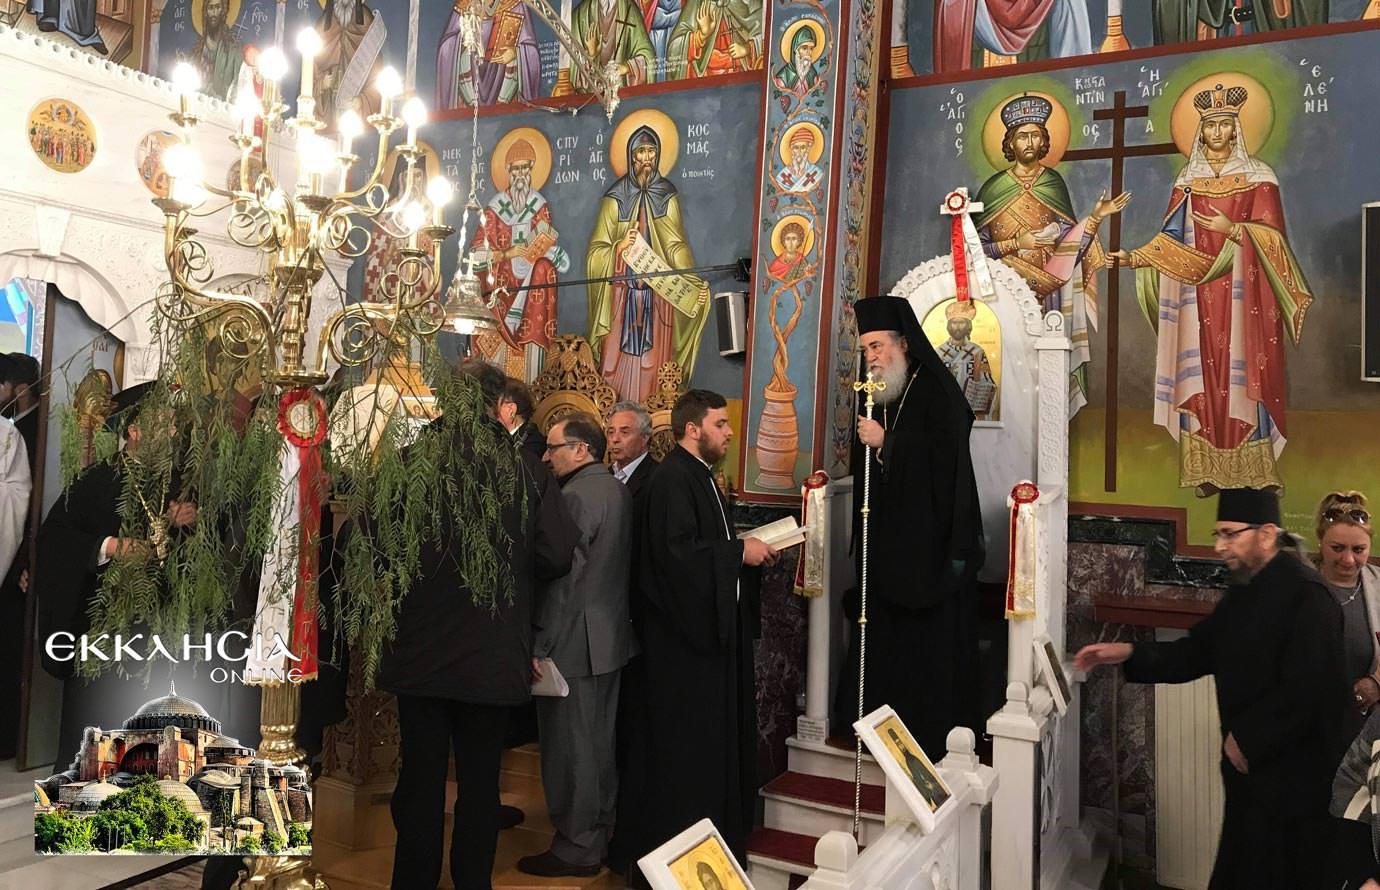 αγία ματρώνα ιερά λείψανα ιερός ναός